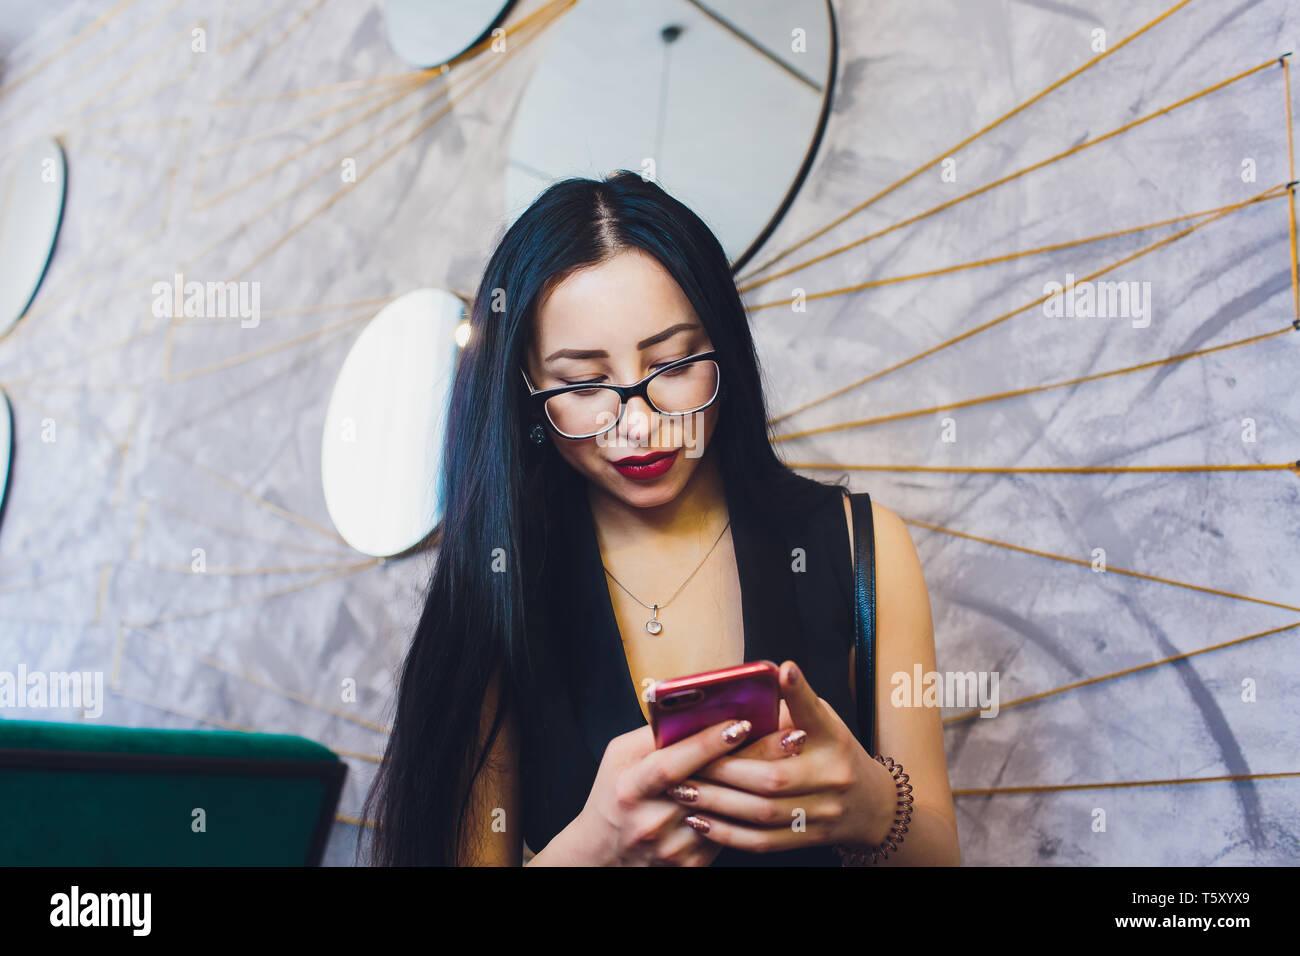 Heureux fille arabe à l'aide de smart phone sur mur de brique. Smiling woman with curly hairstyle dans les tenues en contexte urbain. Banque D'Images